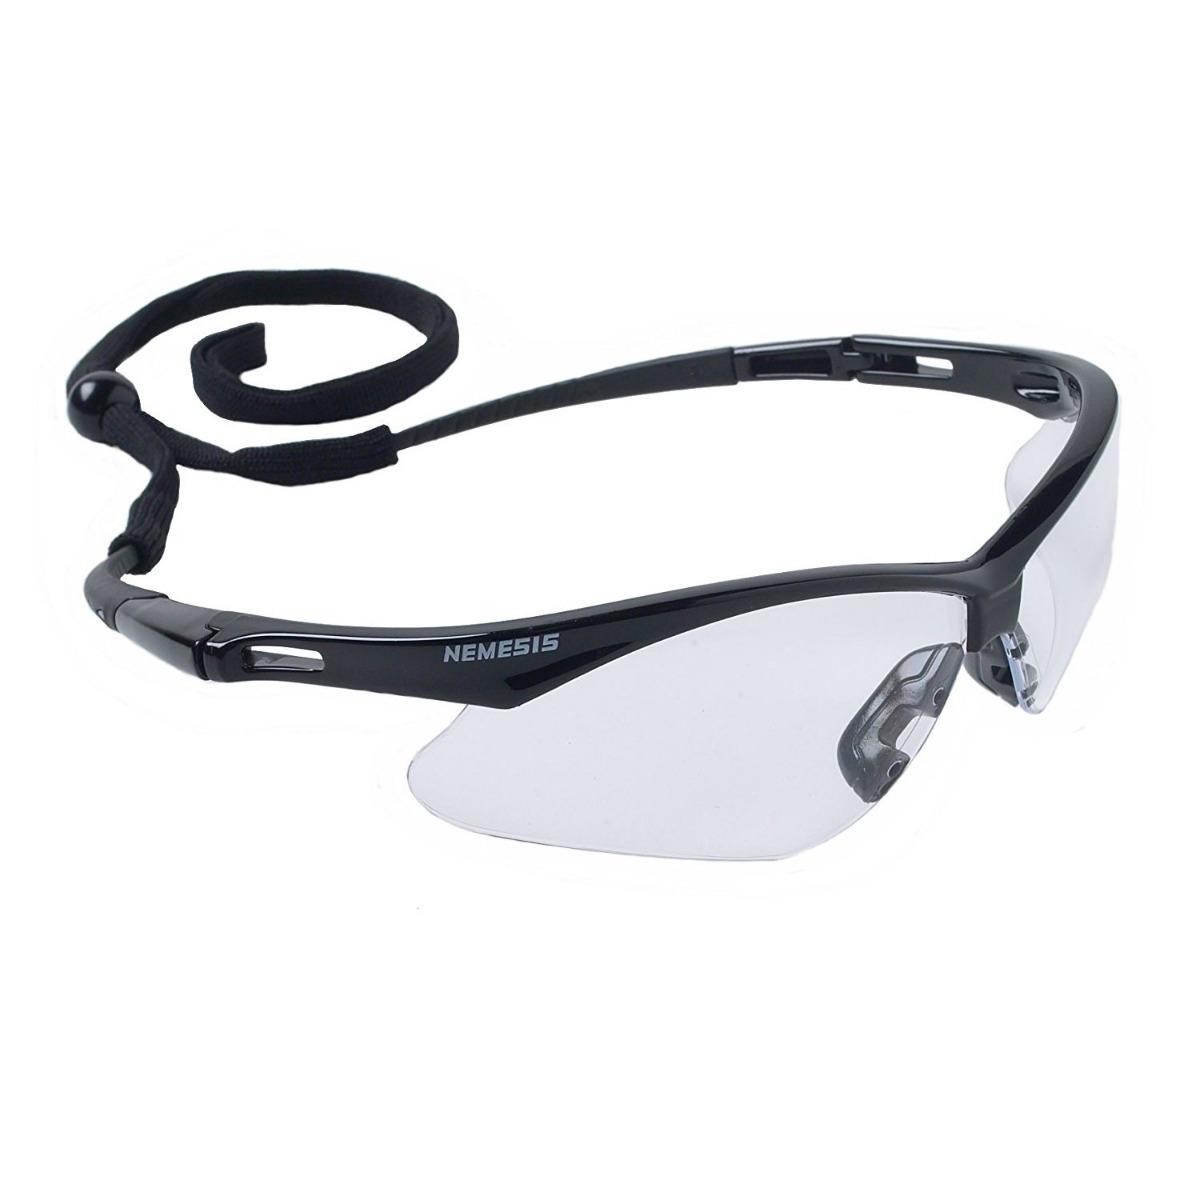 oculos nemesis jackson varios modelos proteção uv epi ca. Carregando zoom. ffa61ebfe8